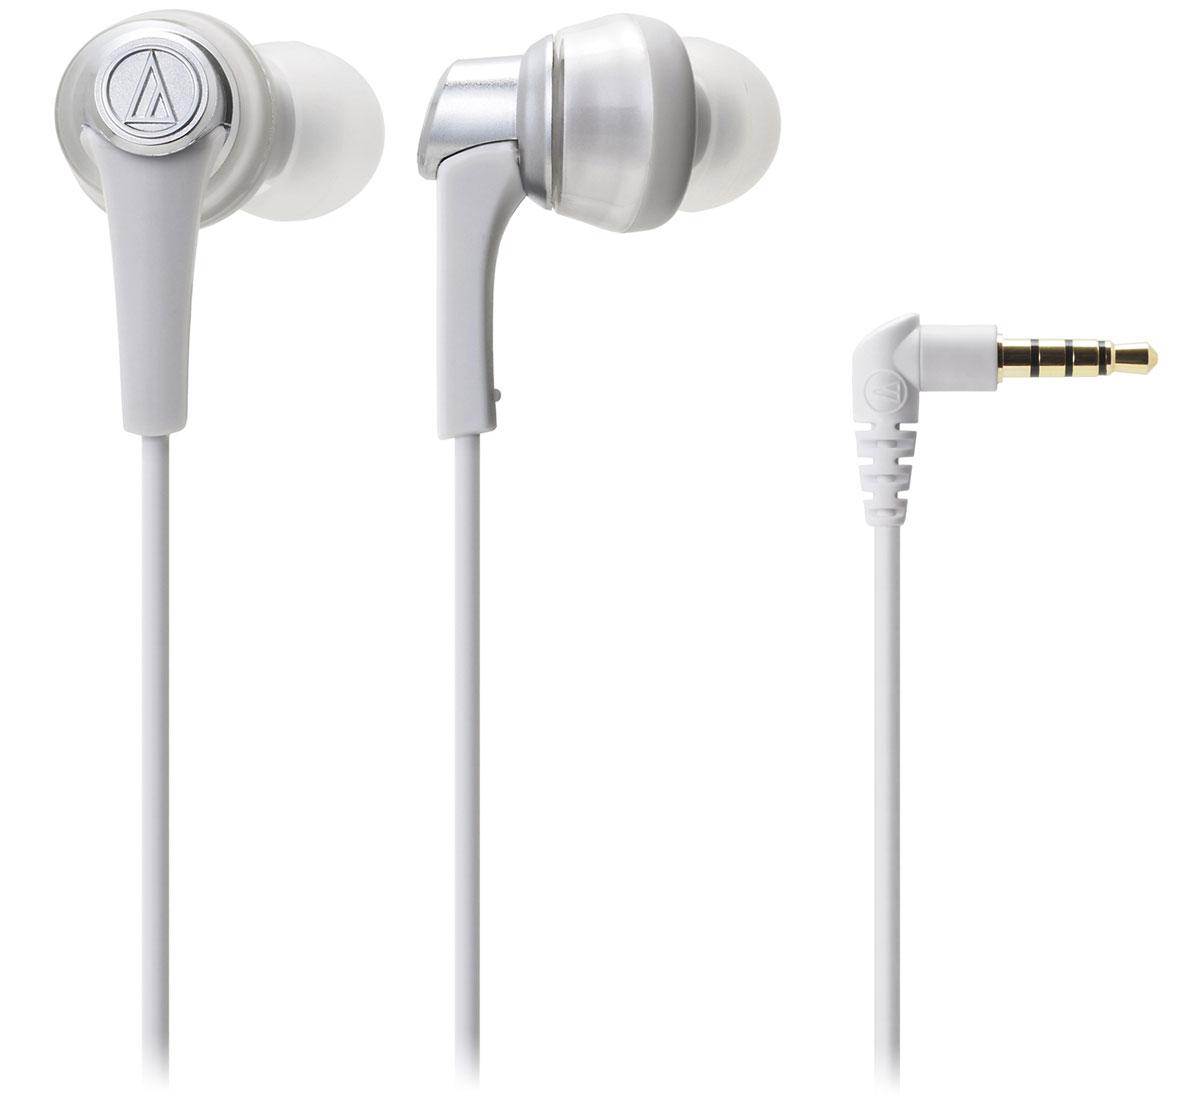 Audio-Technica ATH-CKR5, White наушники4961310607005Audio-Technica ATH-CKR5 - вставные наушники премиум-класса с эргономикой высокого уровня и превосходным звучанием. Новейшие 13-мм драйверы качают мощные басы потрясающей глубины и чёткости. Звучание дополнительно оптимизируют специальные латунные стабилизаторы, поглощающие нежелательные вибрации. Эта технология позволяет добиться кристально чистой передачи на средних и высоких частотах. Четыре пары амбушюр разного размера дают возможность выбрать наиболее подходящие, что благоприятно скажется на звуке. Особенности: Вставные наушники премиум-класса Специальный корпус с превосходным креплением 13-мм драйверы, разработанные в 2015 году Глубокий детализированный звук Латунные стабилизаторы вибраций